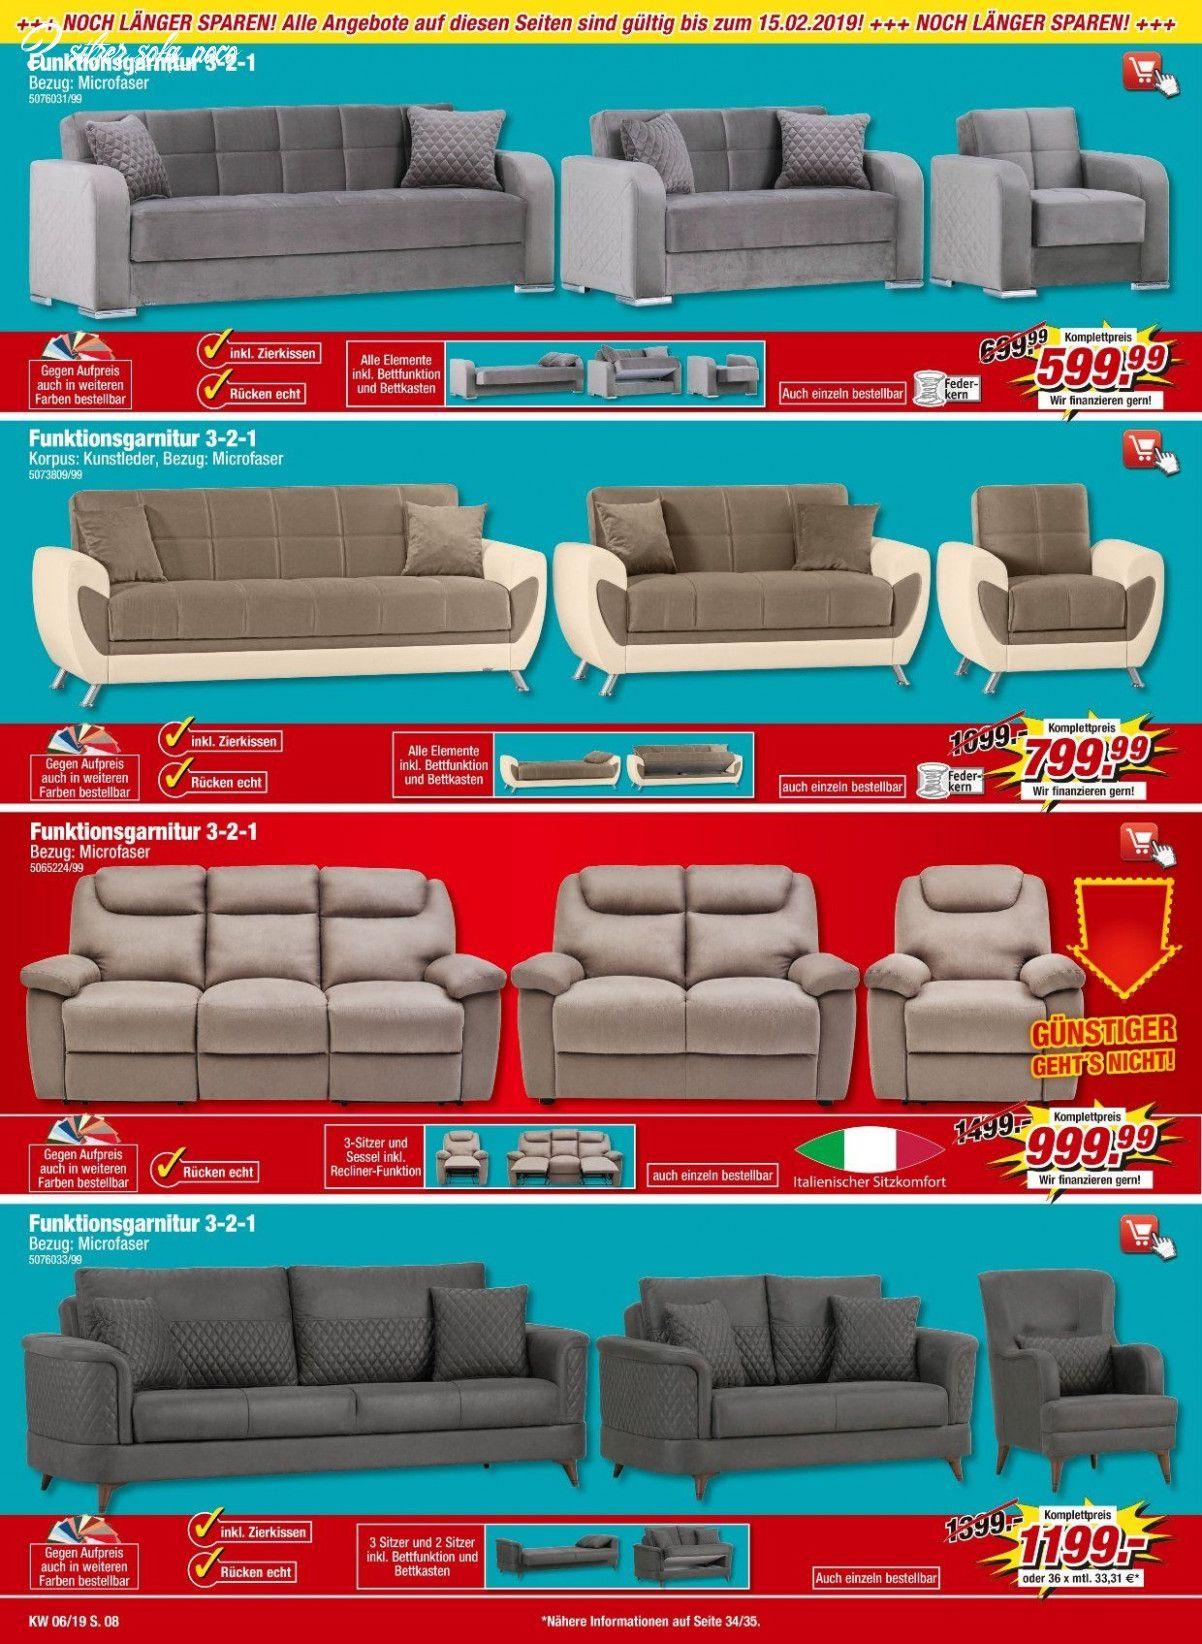 Die Effektivsten Moglichkeiten Das Problem Von 3 Sitzer Sofa Poco Zu Uberwinden In 2020 3 Sitzer Sofa Sofa Sessel